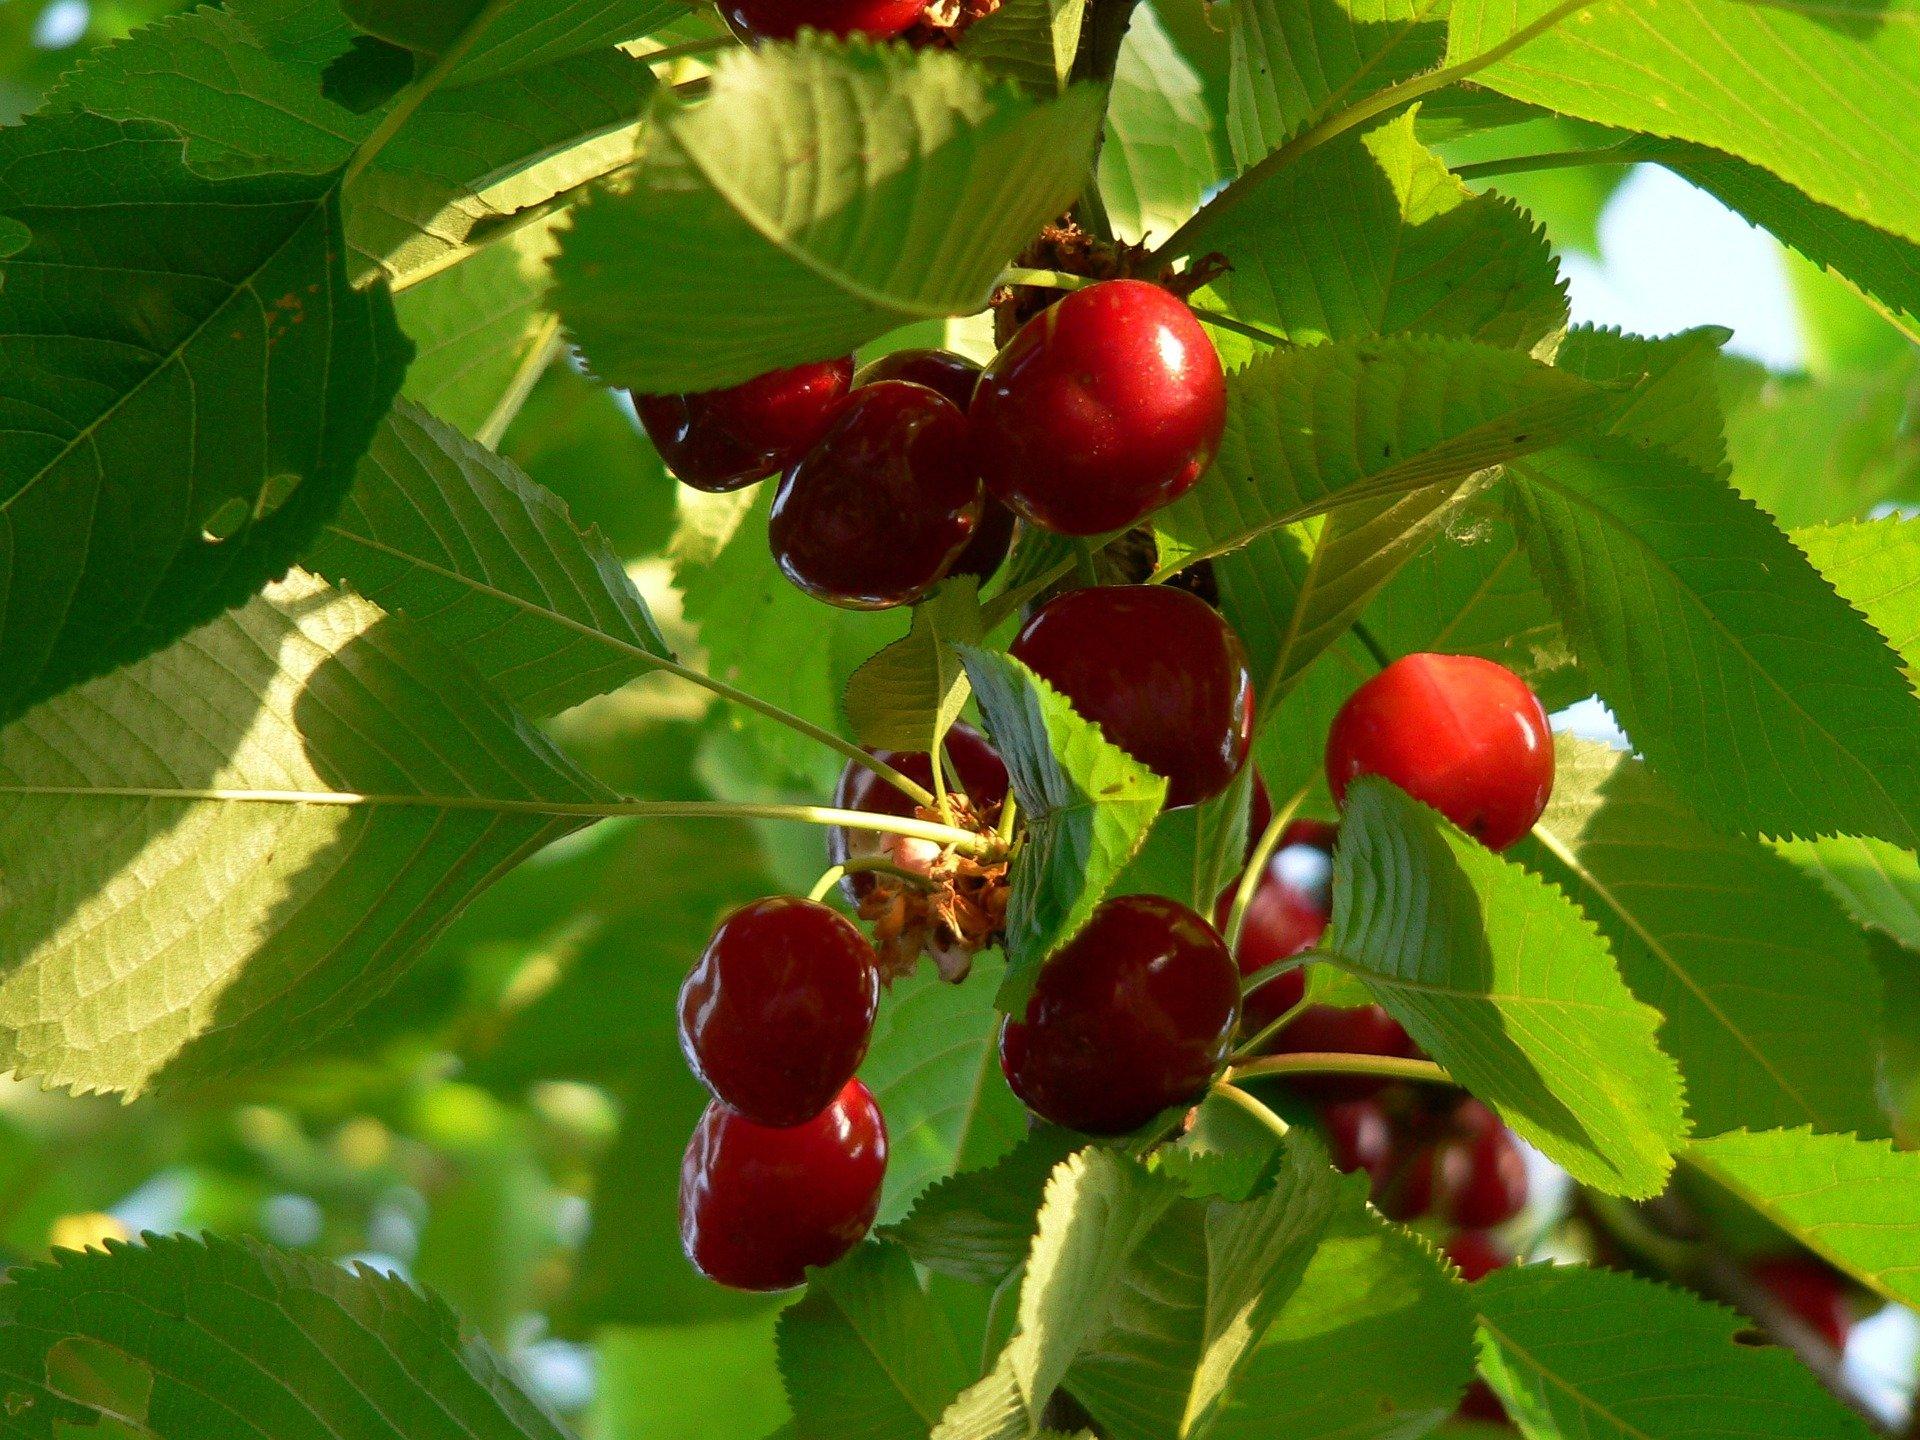 Odmiany czereśni nadające się do uprawy w ogrodzie